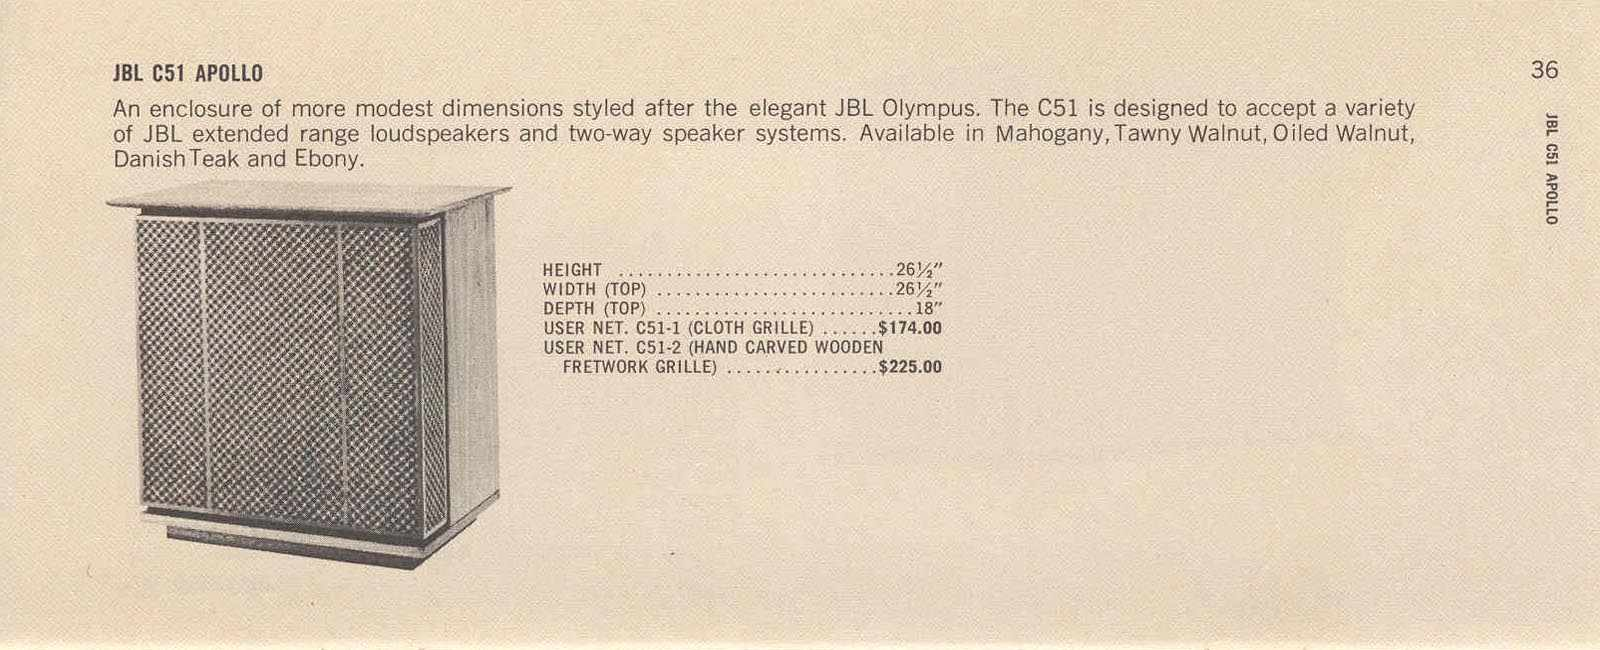 ORIGINAL INCONNU années 60 en 2 voies (38cm + compression) Page38